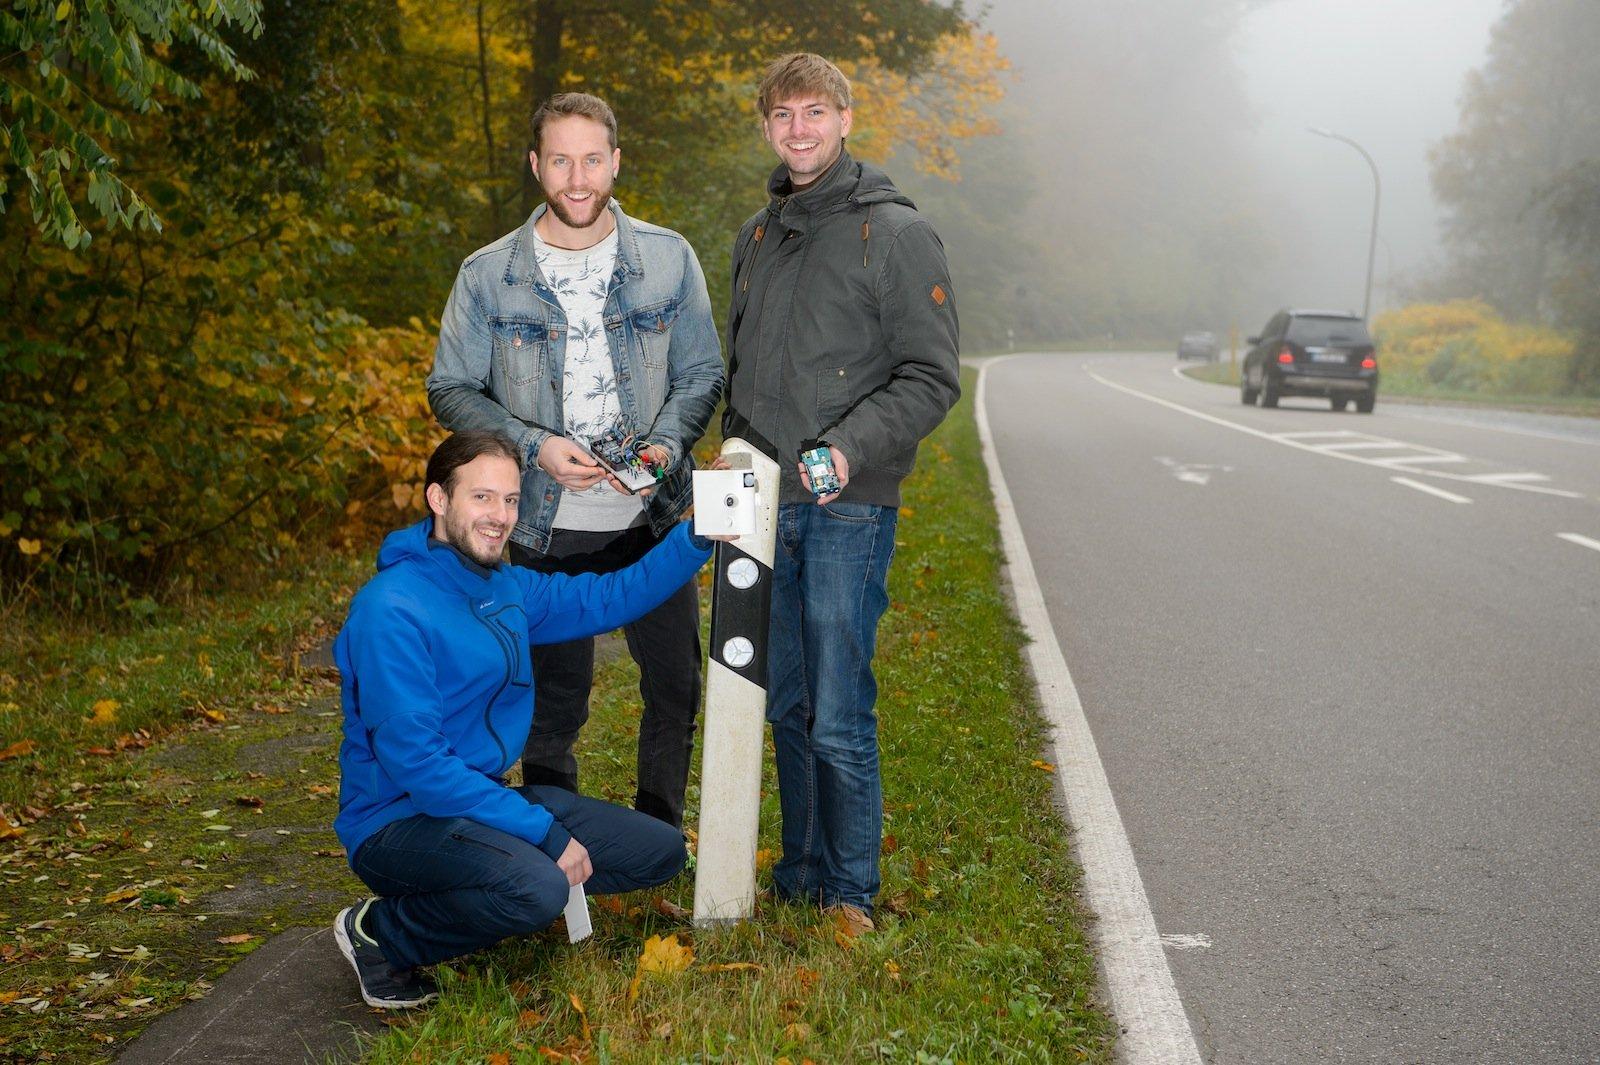 Die Studenten Benjamin Kirsch (kniend), Julian Neu (Mitte) und Daniel Gillo (r.) haben ein solarbetriebenes Sensorsystem entwickelt, das Falschfahrer früh erkennt und Warnungen veranlassen kann.